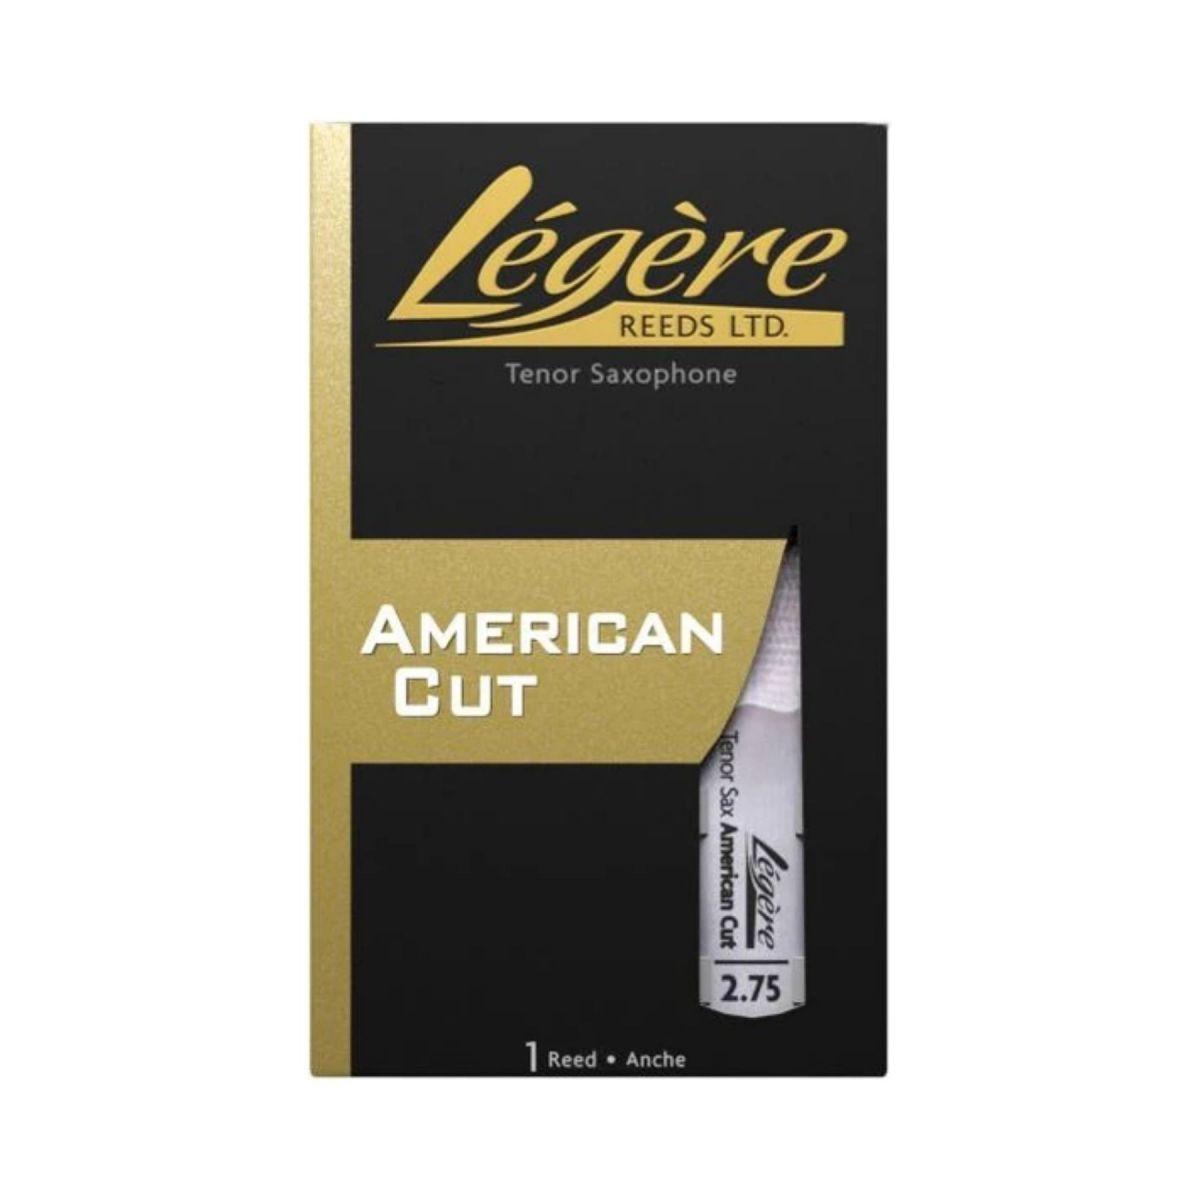 Ancia Sax Tenore Legere American Cut n.2,75 singola